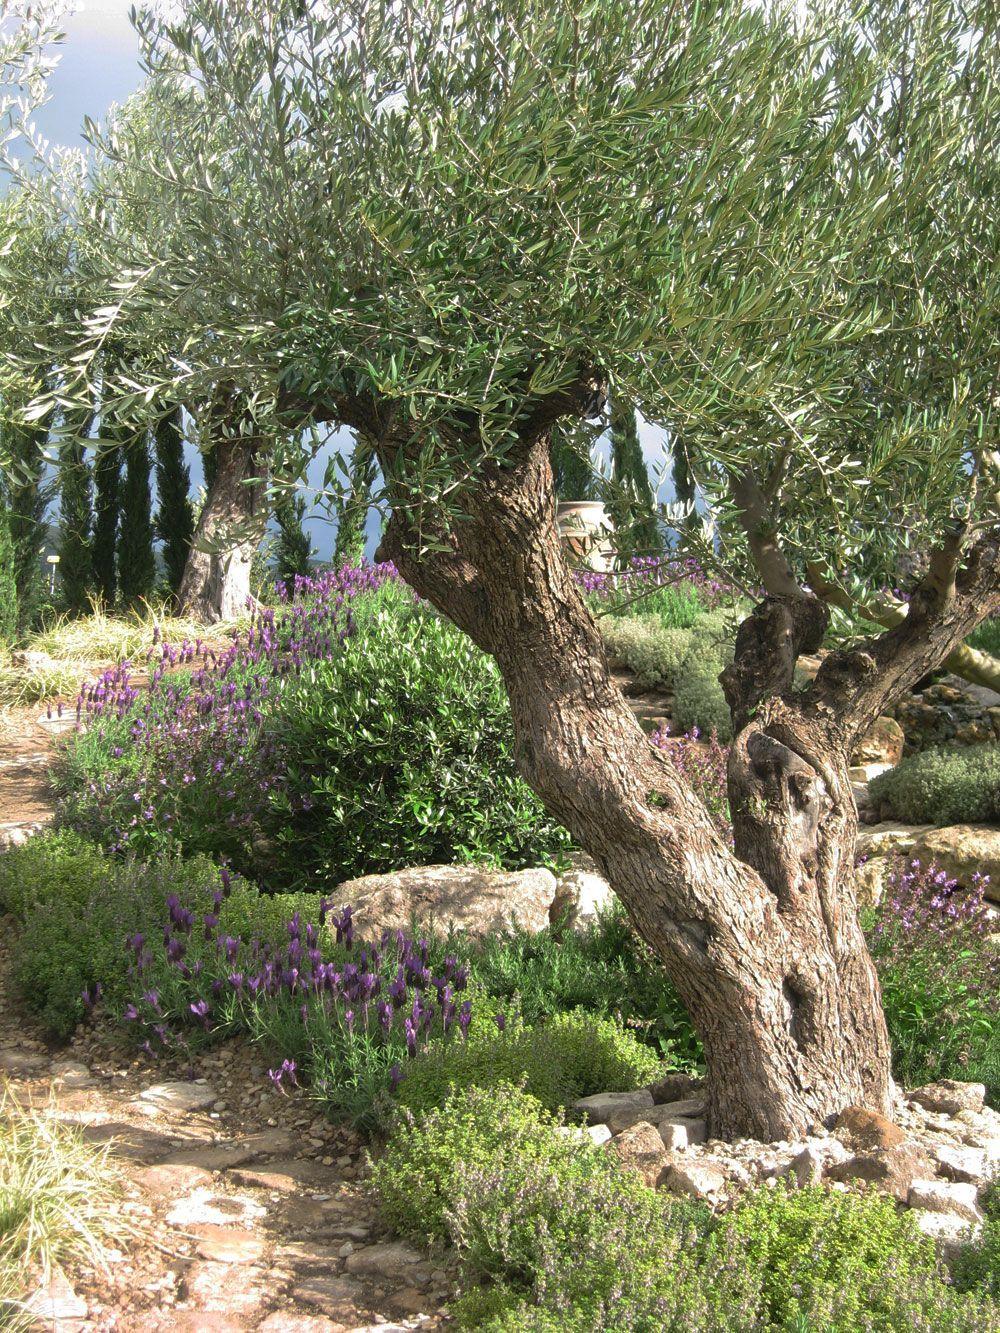 Pin By Somchai On Gardening Mediterranean Garden Design Mediterranean Landscaping Olive Trees Landscape